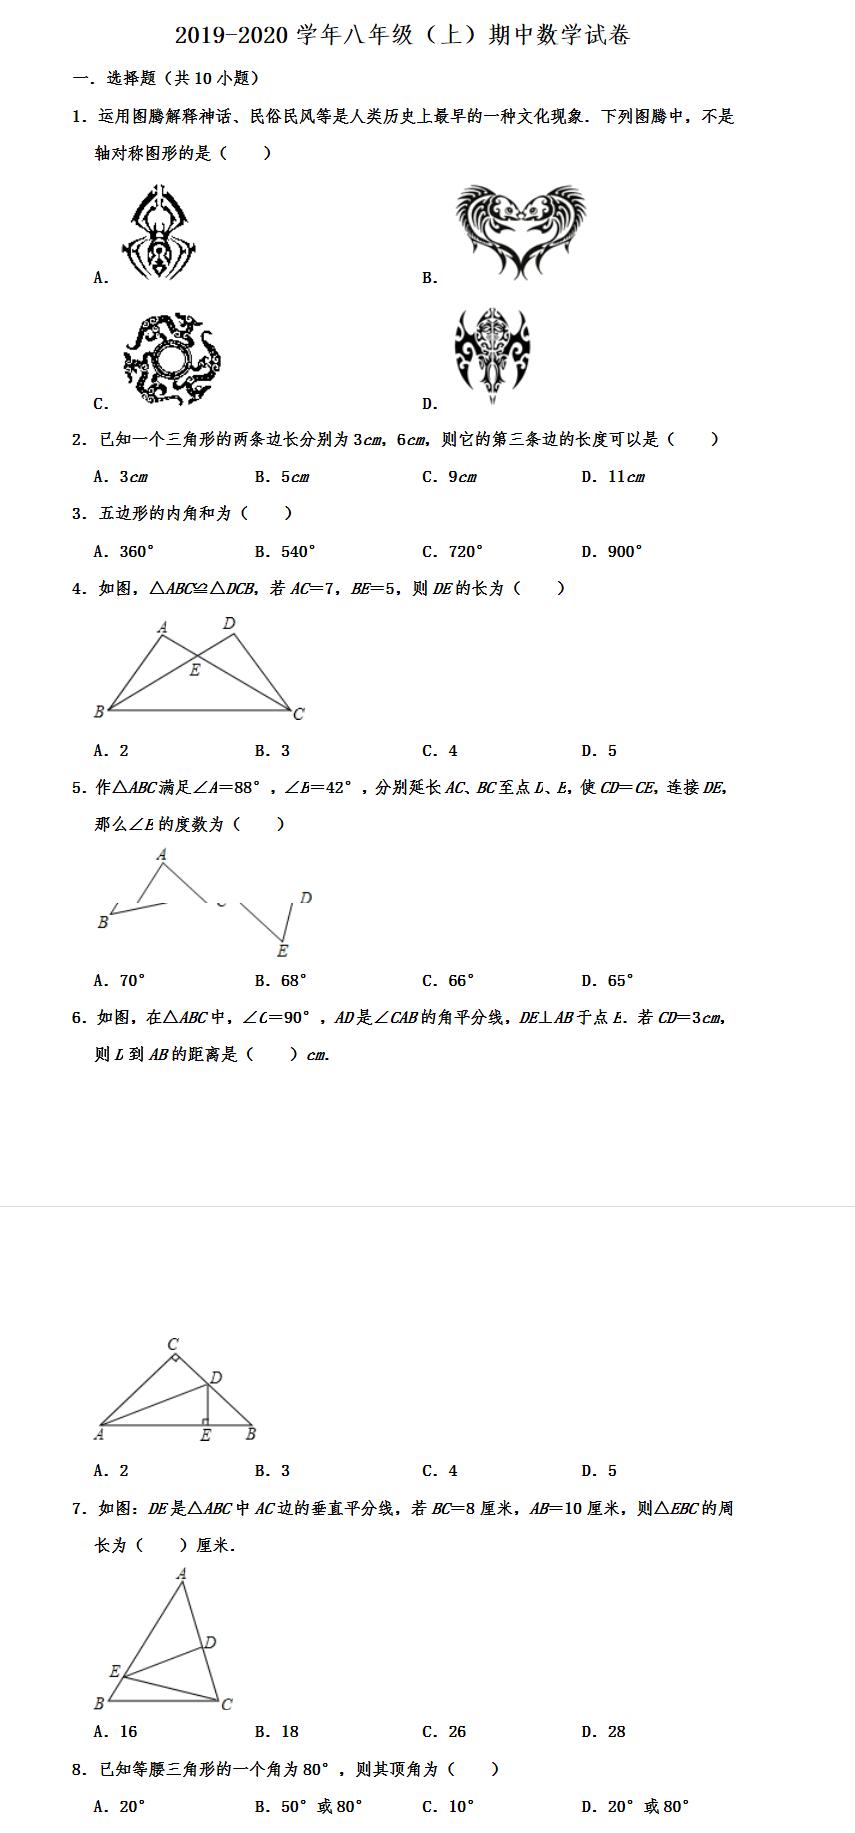 交大附中2019数学人教版.png